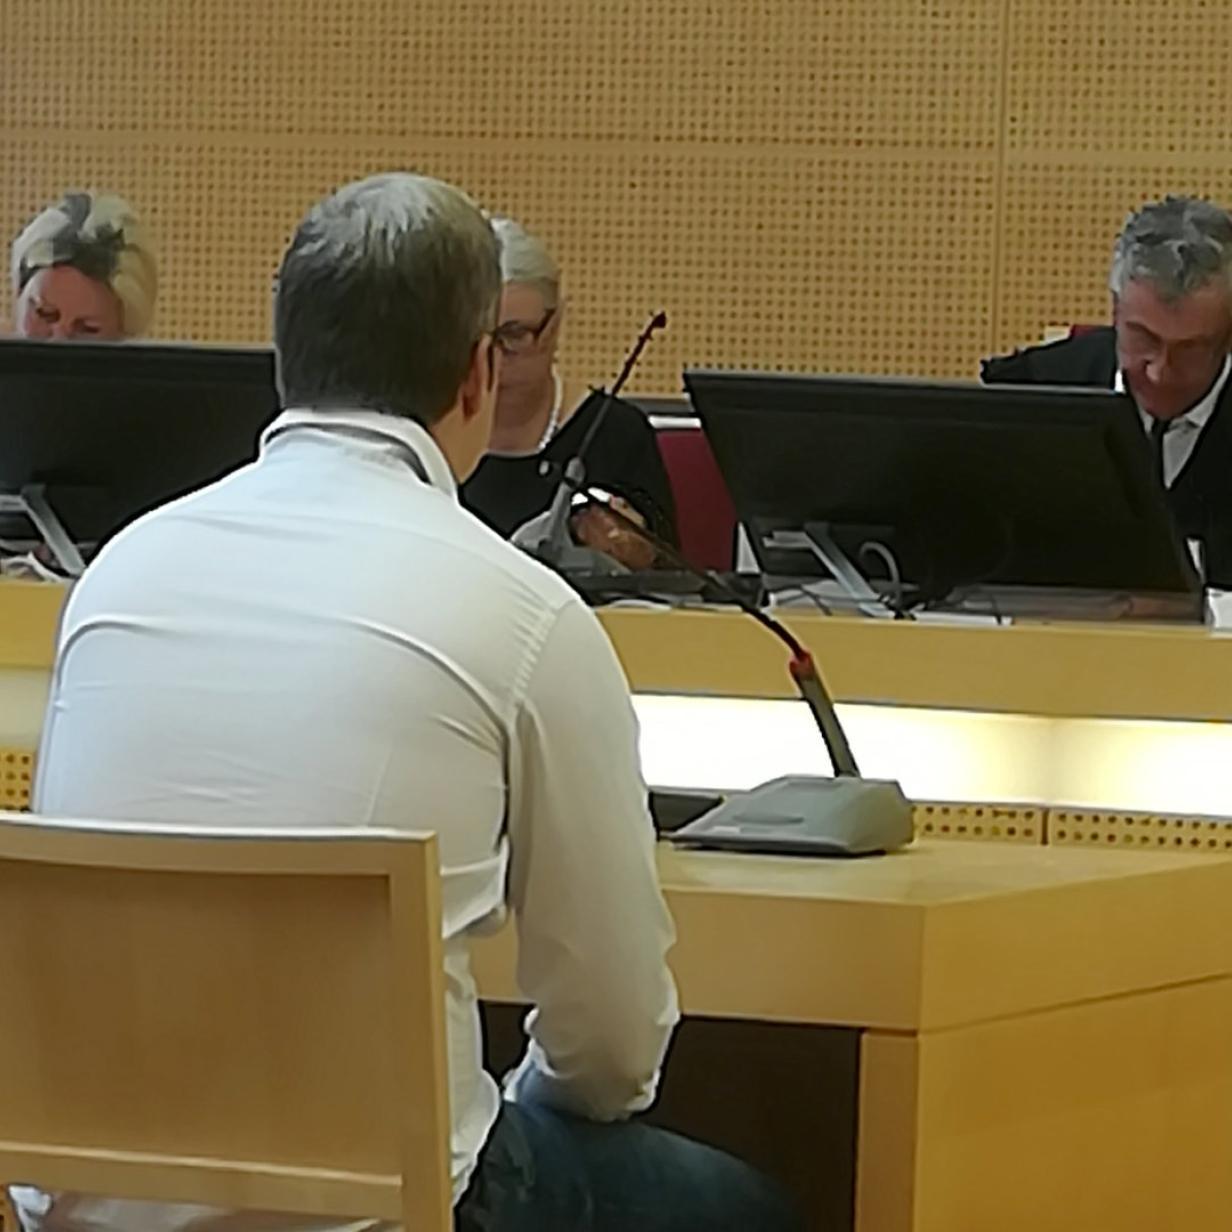 Silvester-Attacke in Wels: Täter wird eingewiesen